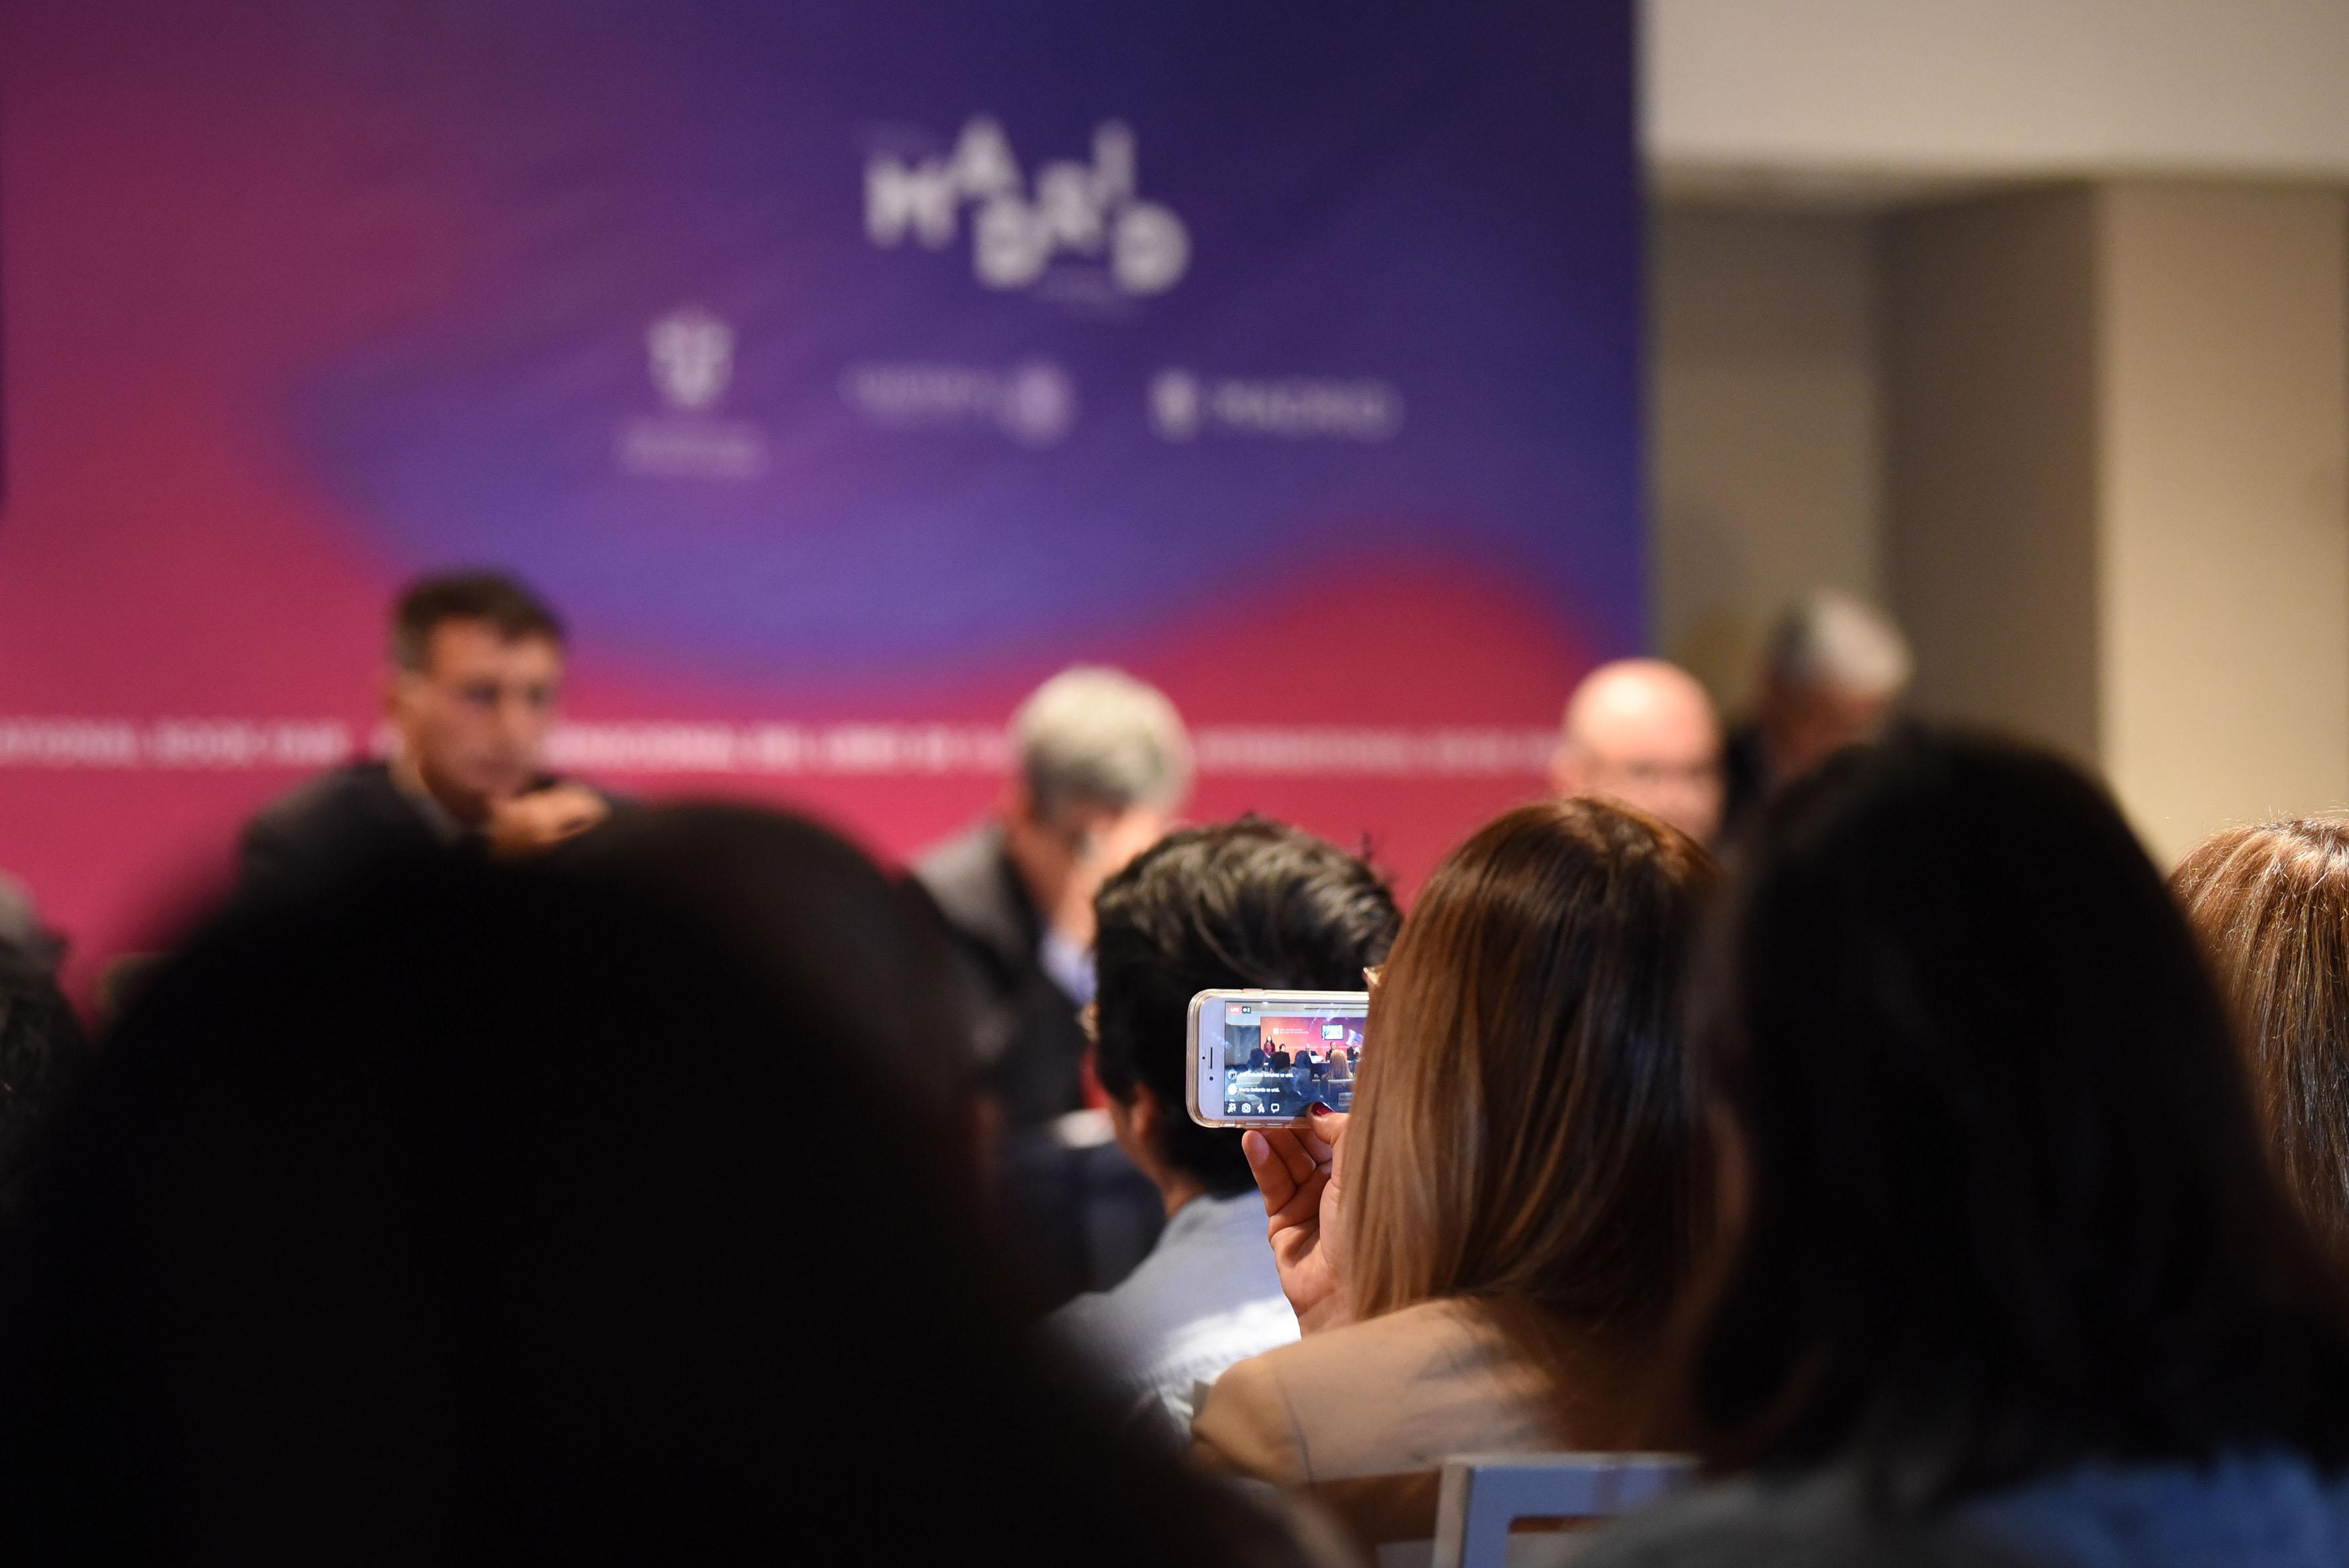 Asistente a la ceremonia, grabando vídeo del evento, con su teléfono celular.